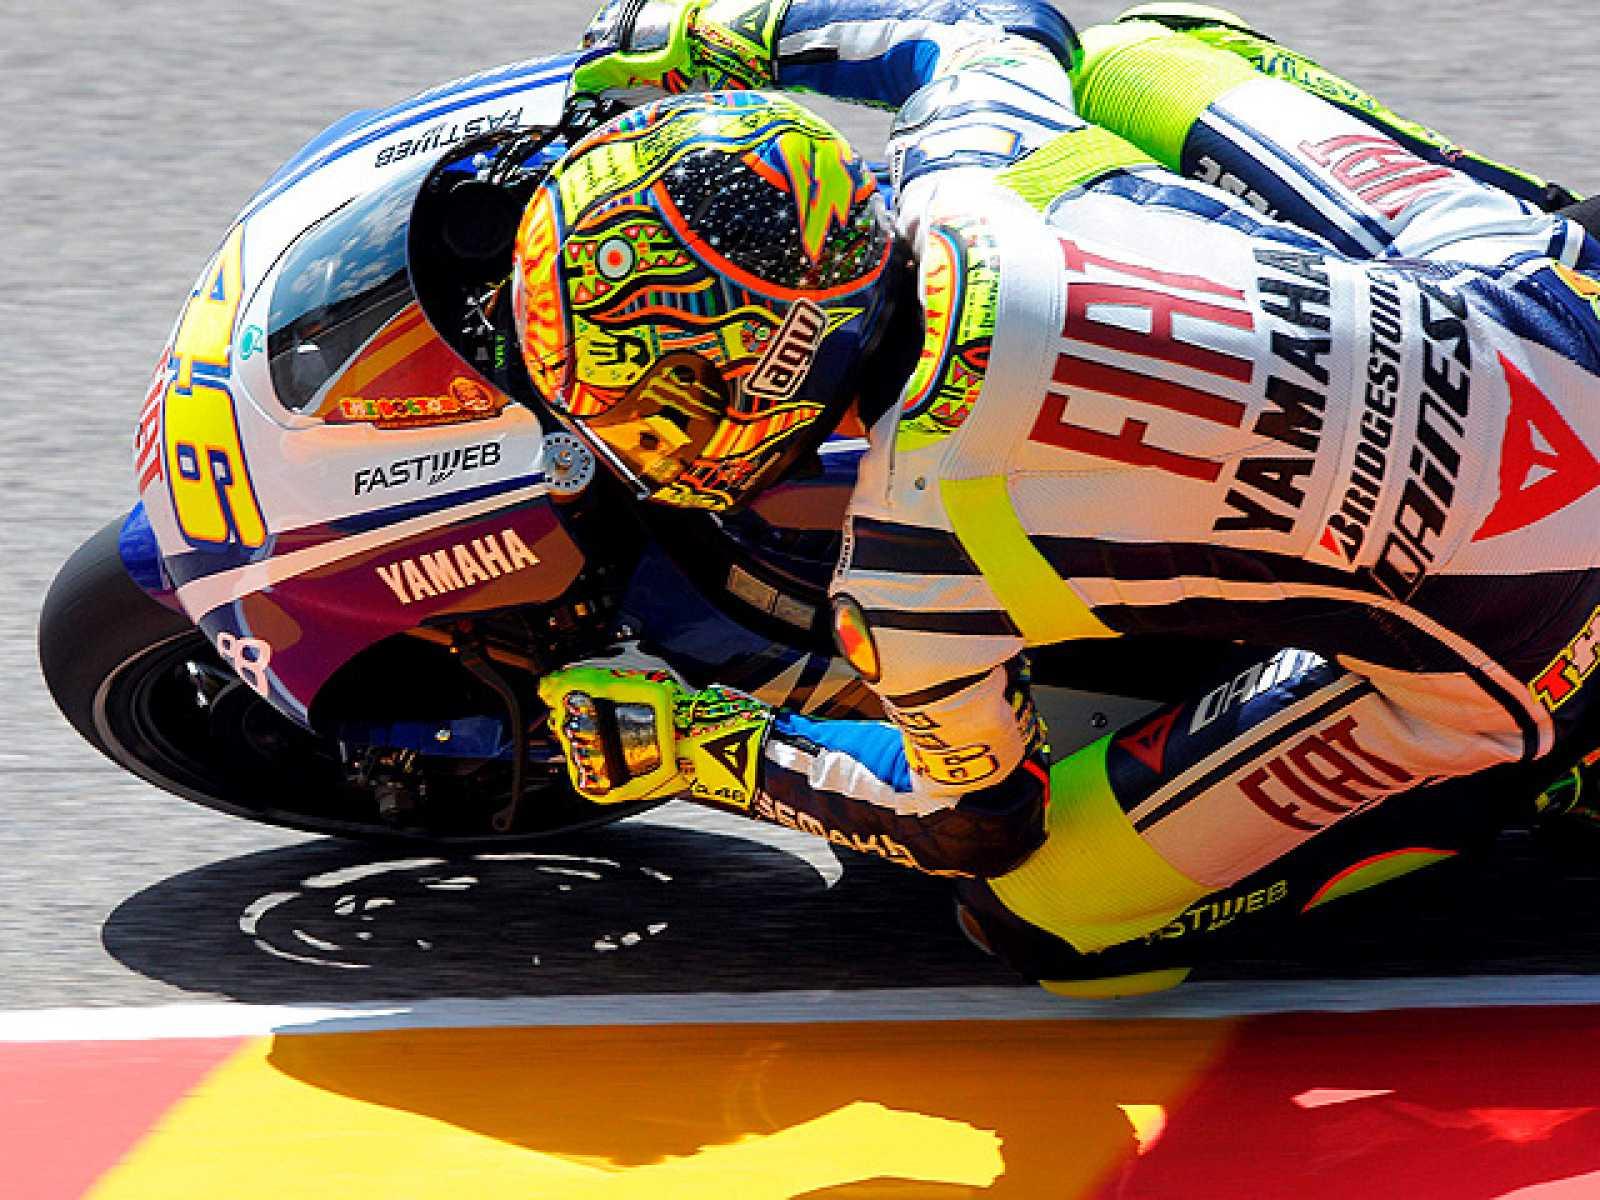 Valentino Rossi marca el mejor tiempo en los entrenamientos libres del GP de Italia y mete presión a sus rivales, a pesar de que aún se resiente de su lesión en el hombro.